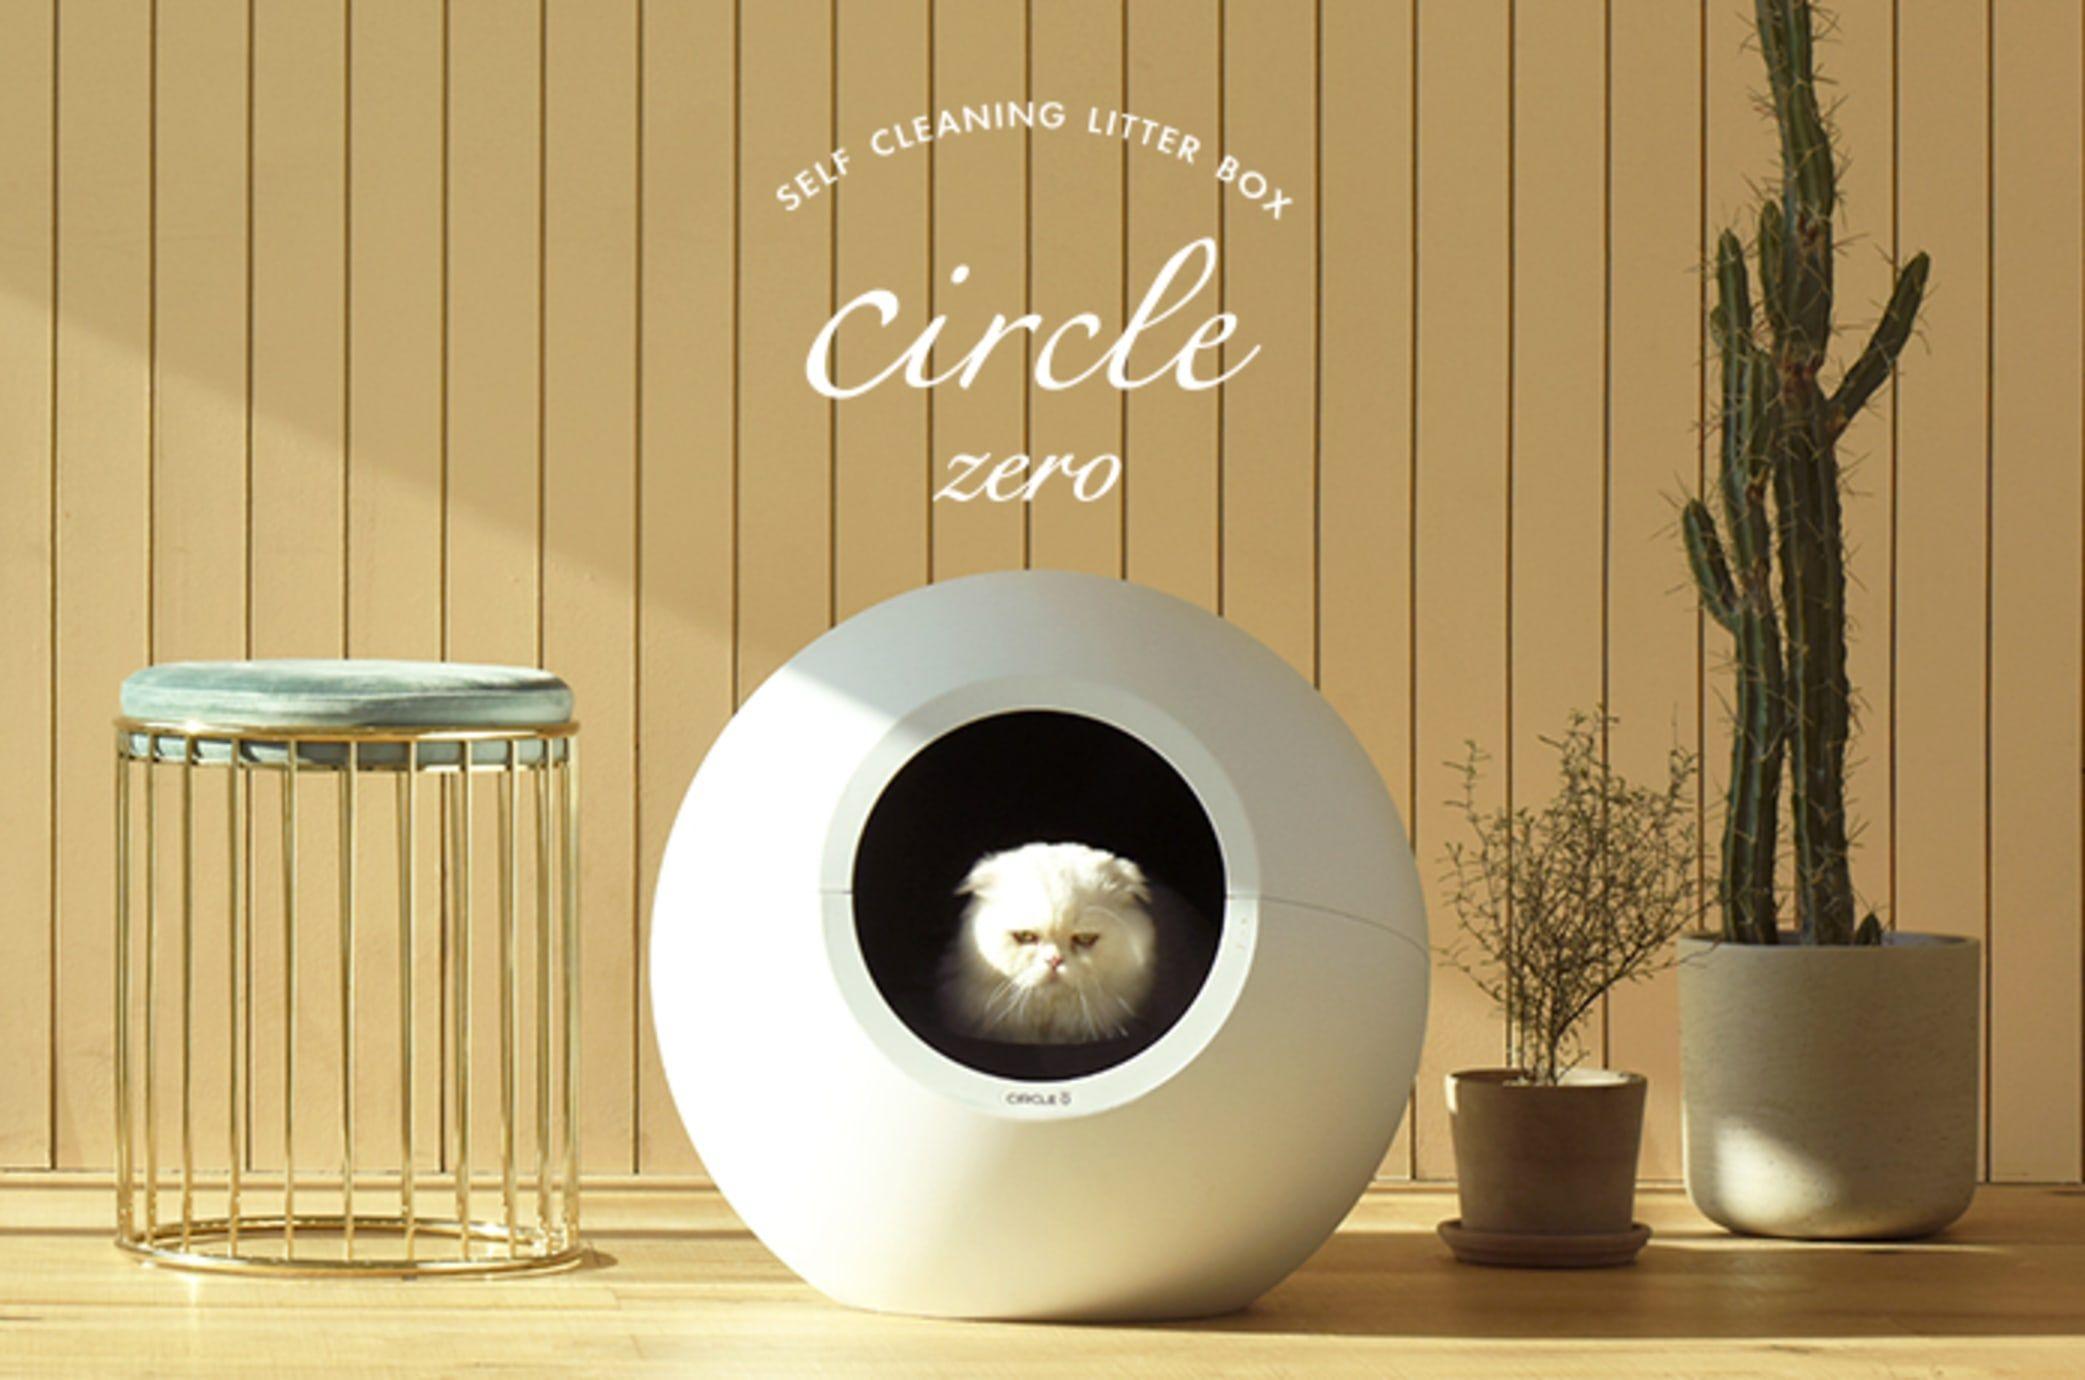 Circle zero zeroodor selfcleaning litter box